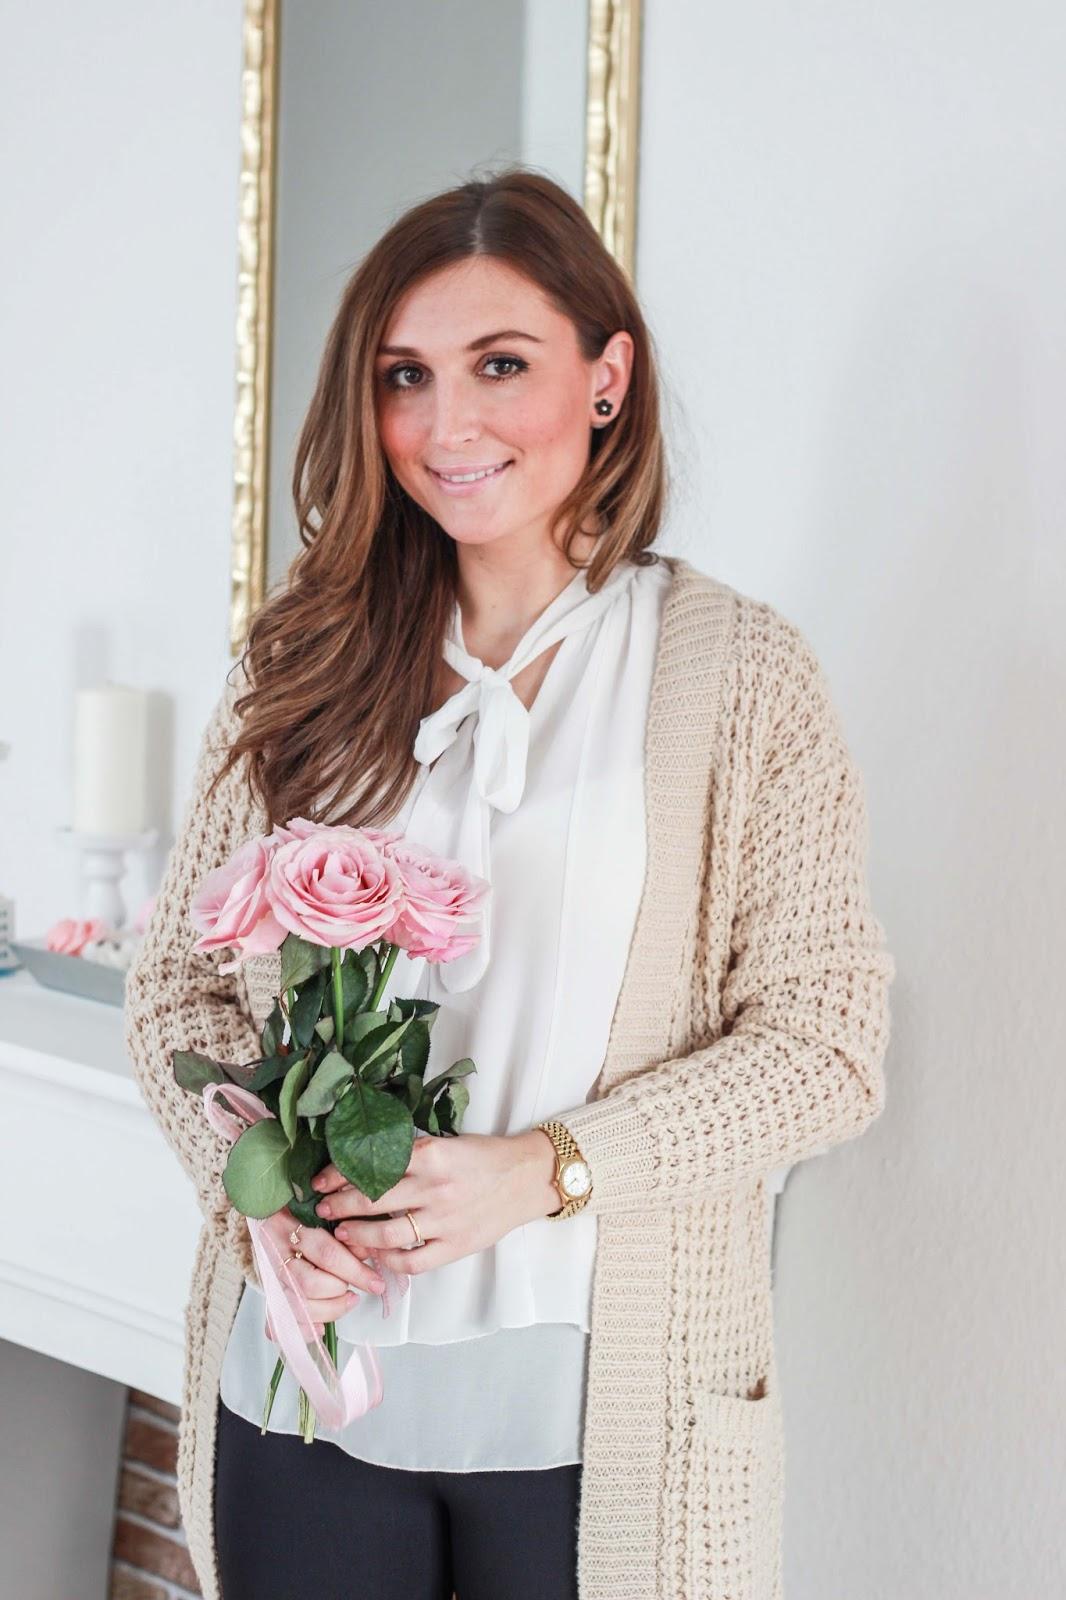 Fashionstylebyjohanna - Blogger aus Frankfurt - Frankfurt Fashionblogger - Weiße Blusen tragen - Blogger mit weißen Blusen